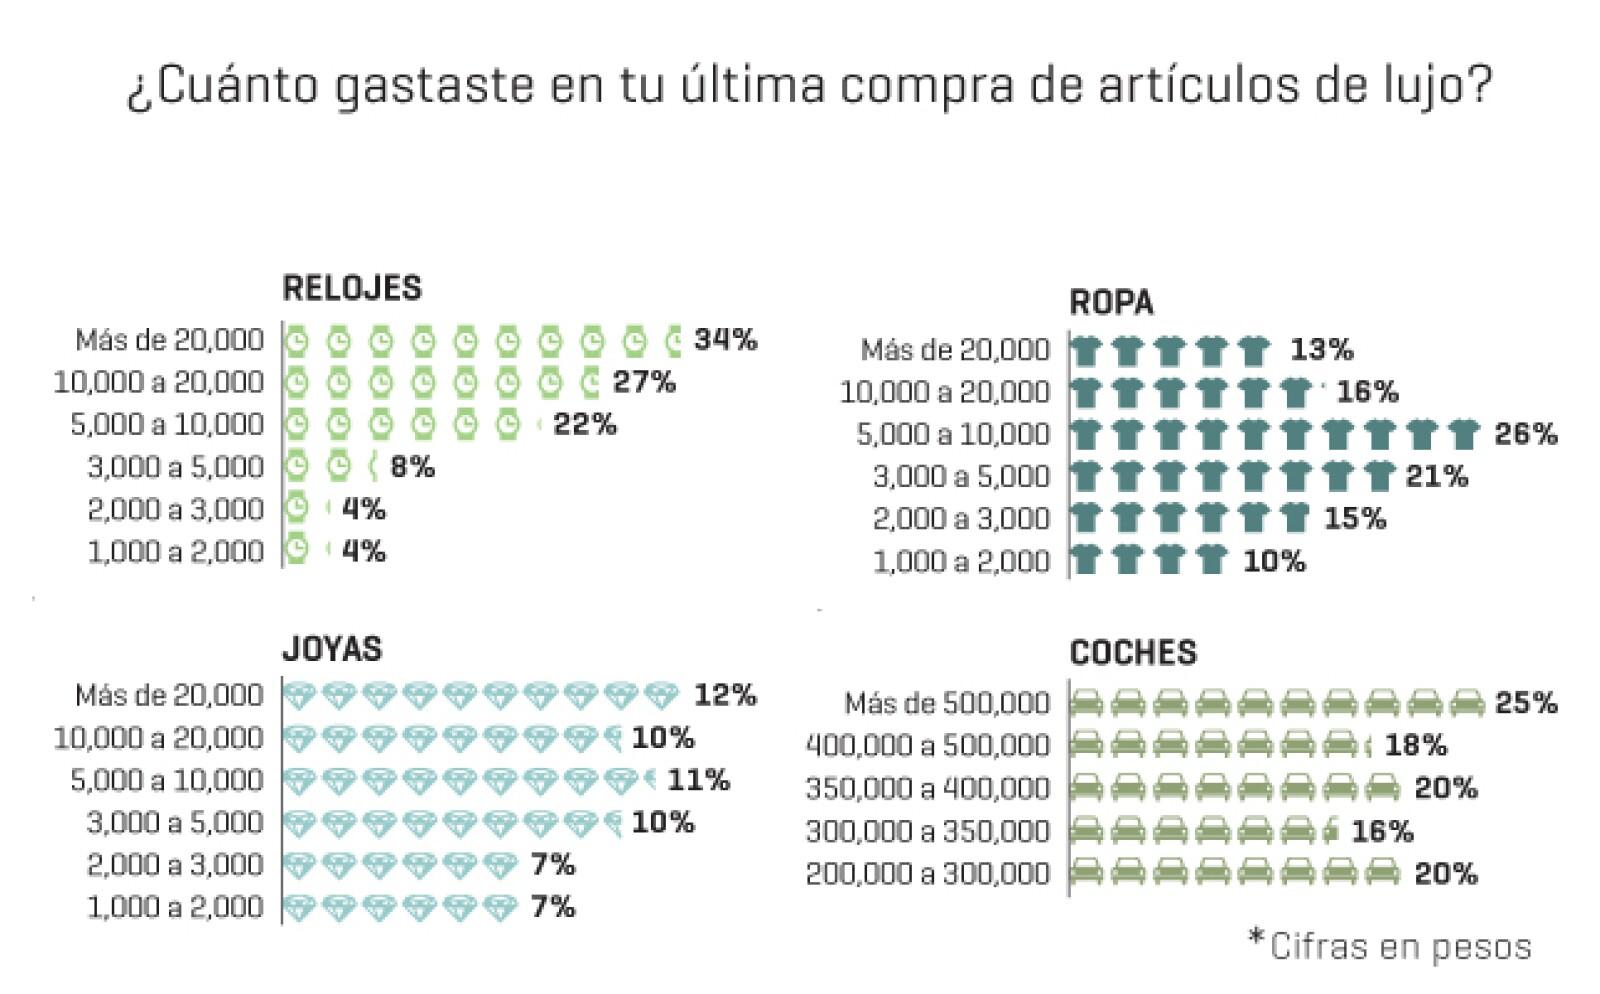 De acuerdo con la encuesta de Expansión, la mayoría (34%) de los suscriptores adquirió relojes en su última compra de lujo, cuyo monto rebasó los 20,000 pesos.